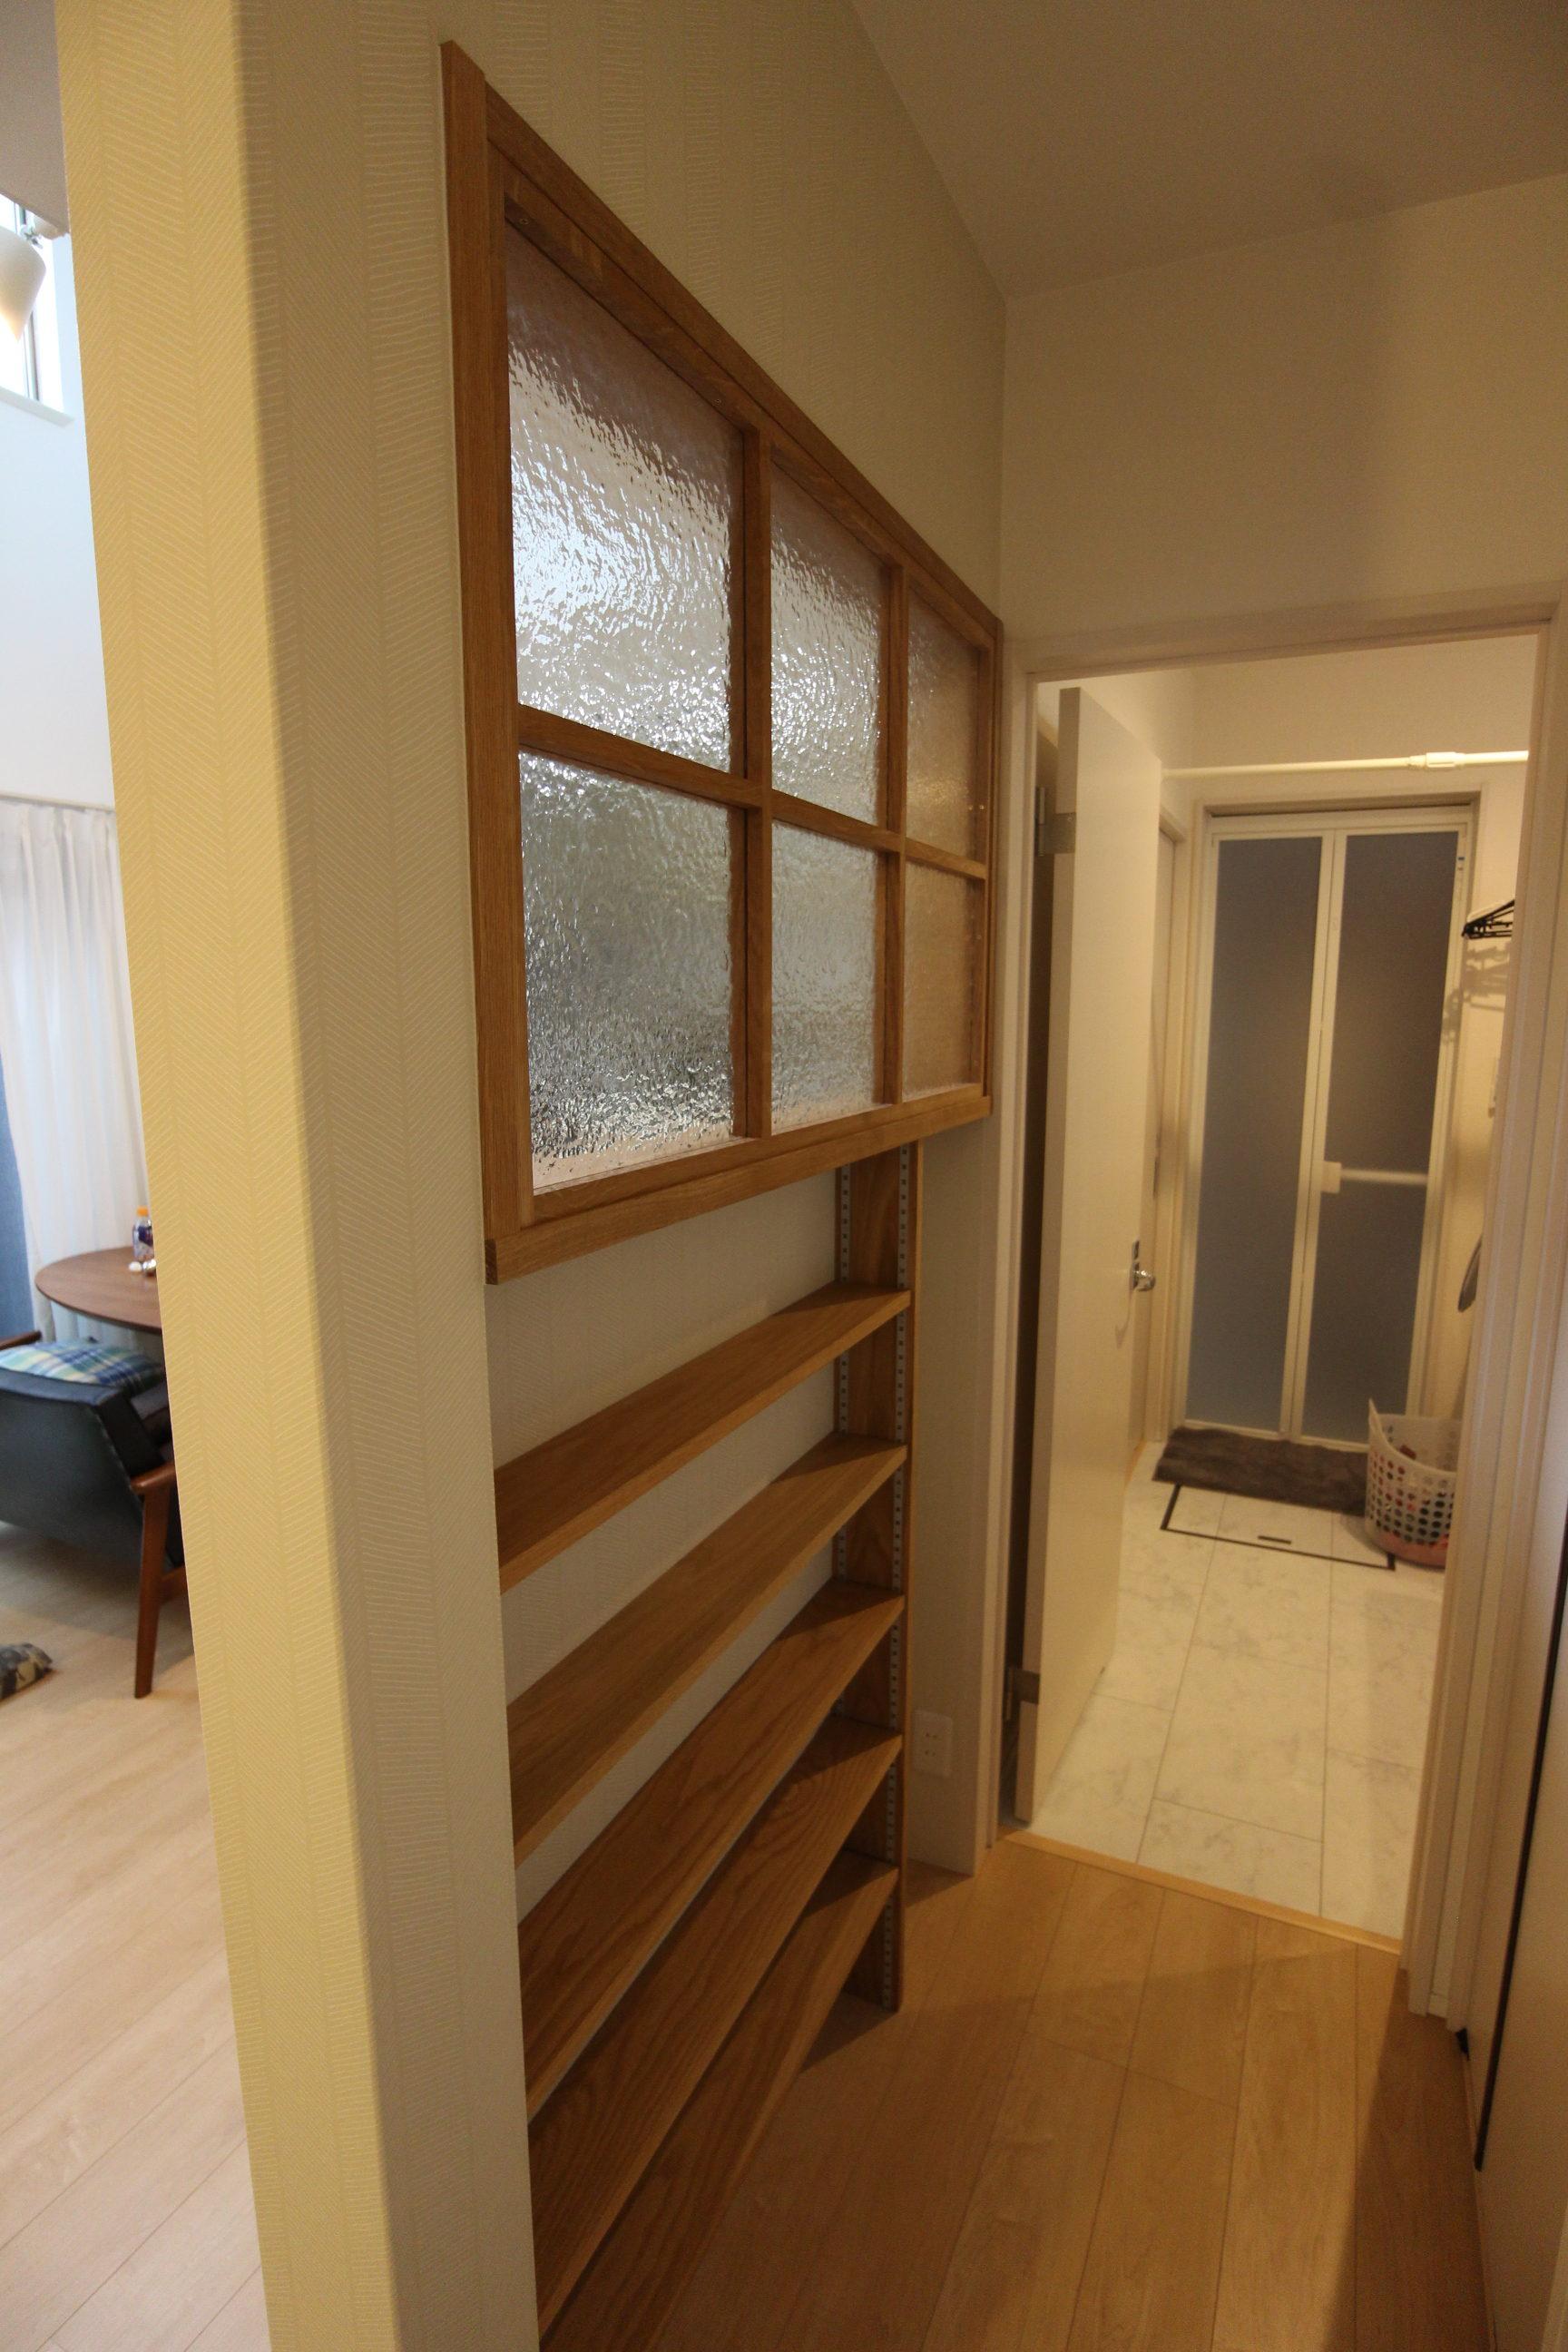 ホワイトオーク|室内窓|無垢材|大阪府|豊中市|戸建て